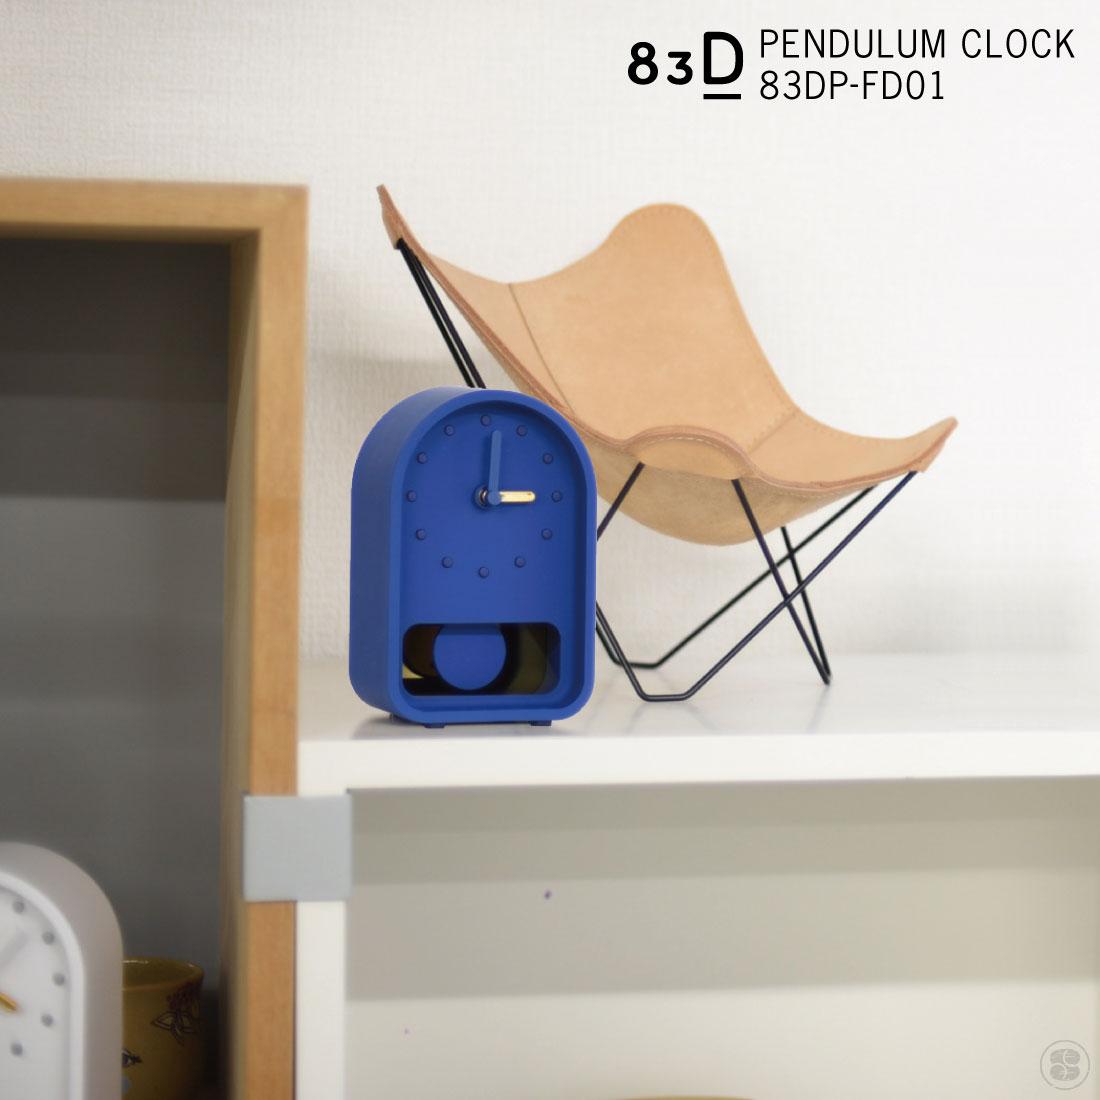 時間の流れを目と耳に優しく伝えてくれます 舗 83Design 振り子時計 ハチサンデザイン おしゃれ ペンデュラムクロック 83DP-FD01